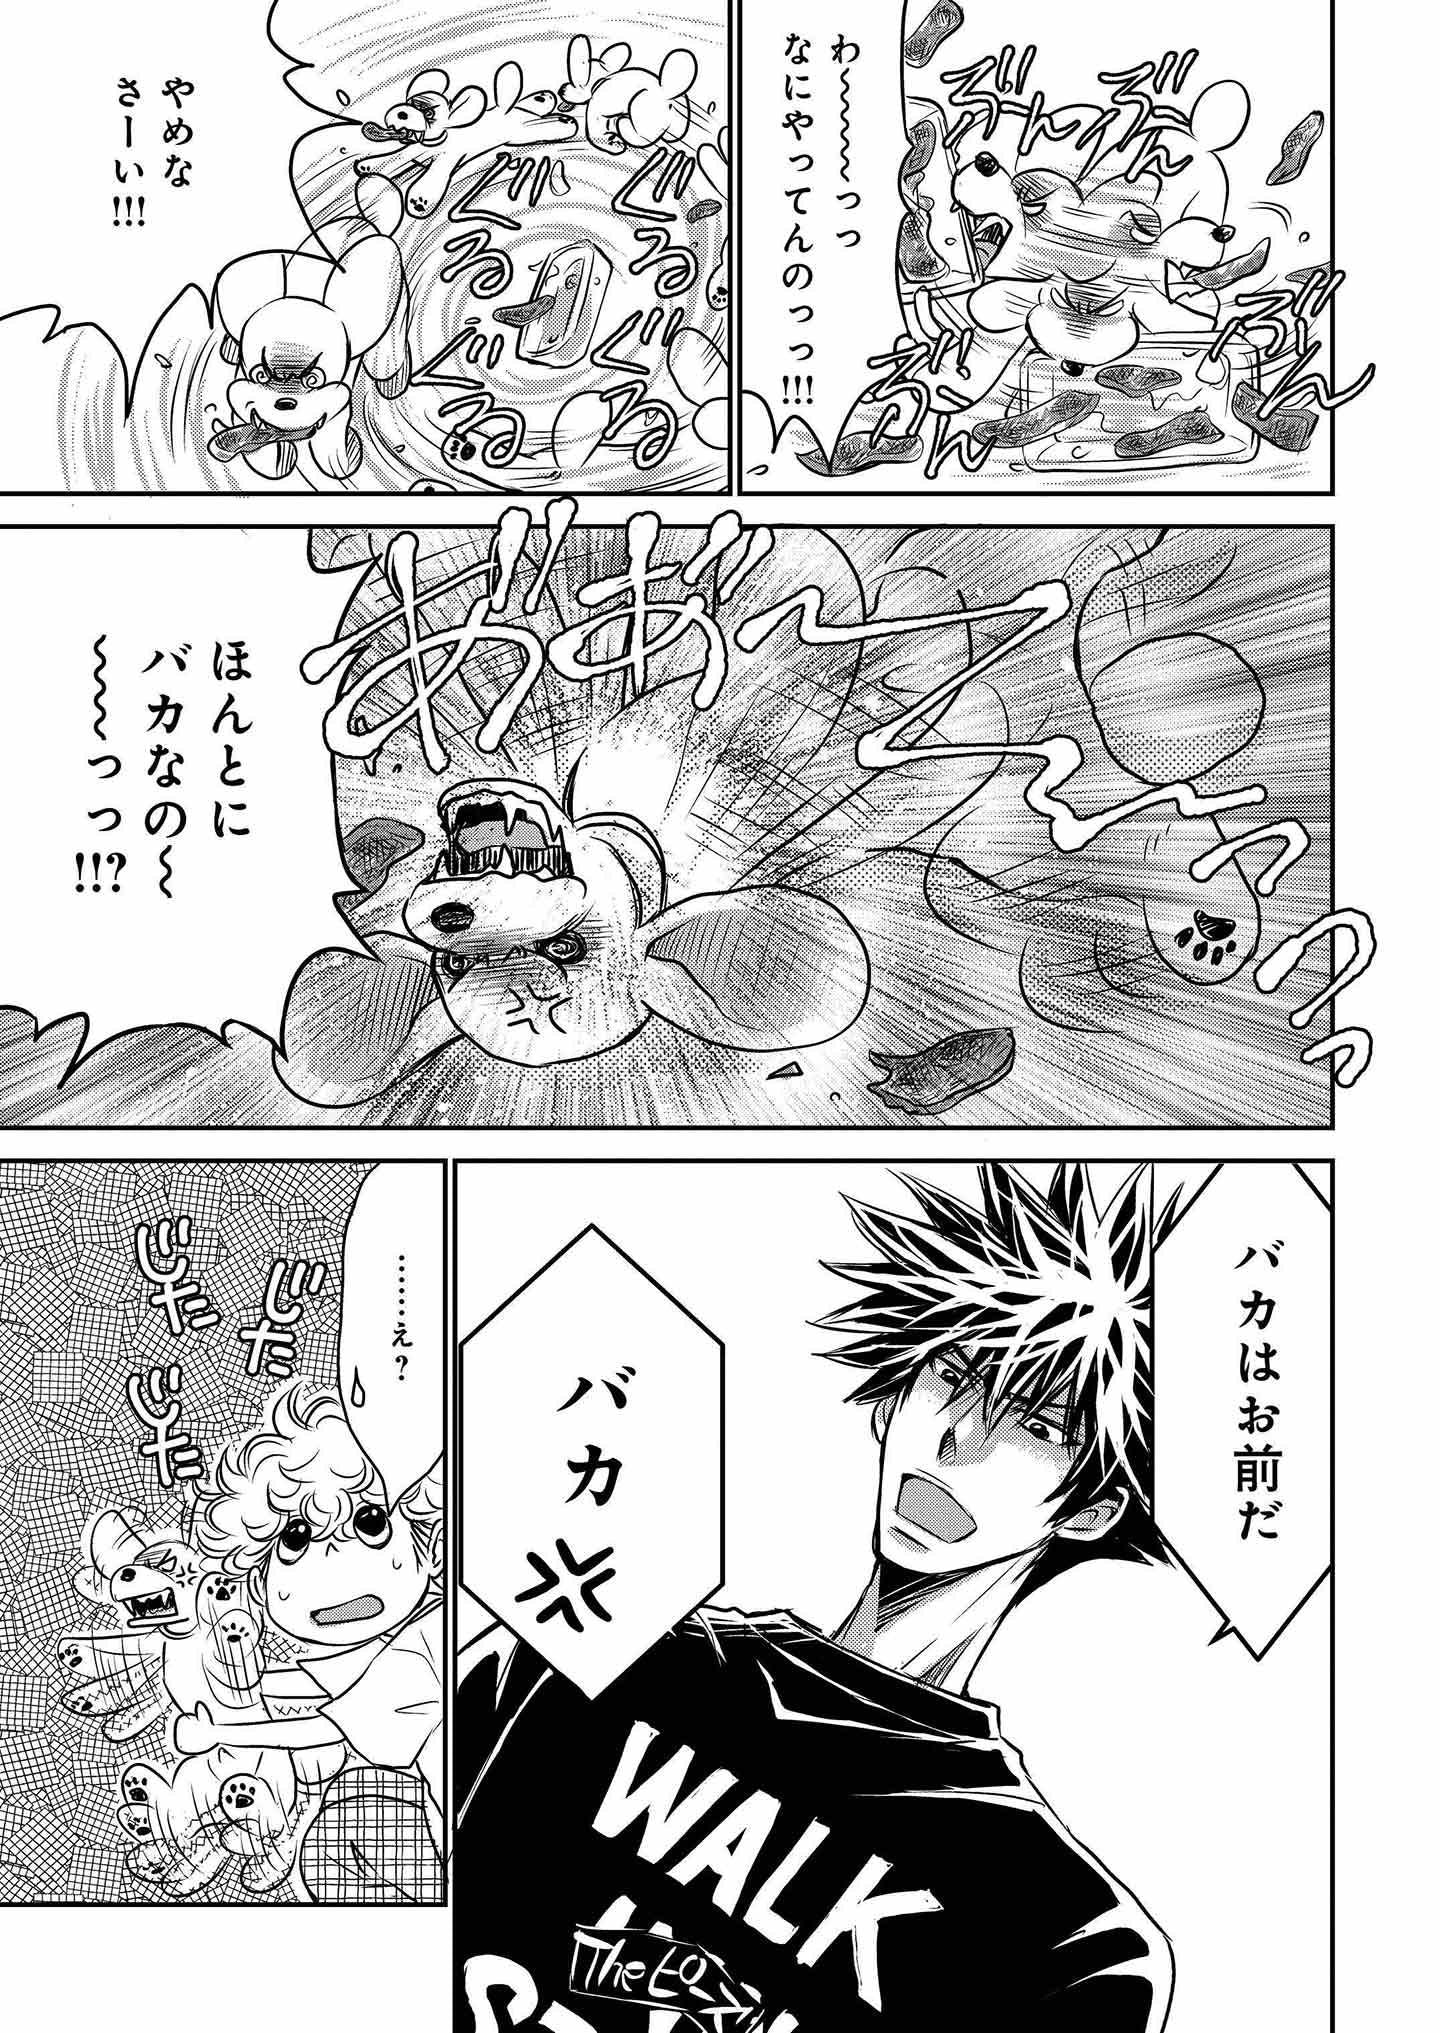 『DOG SIGNAL』12話目① 8ページ目